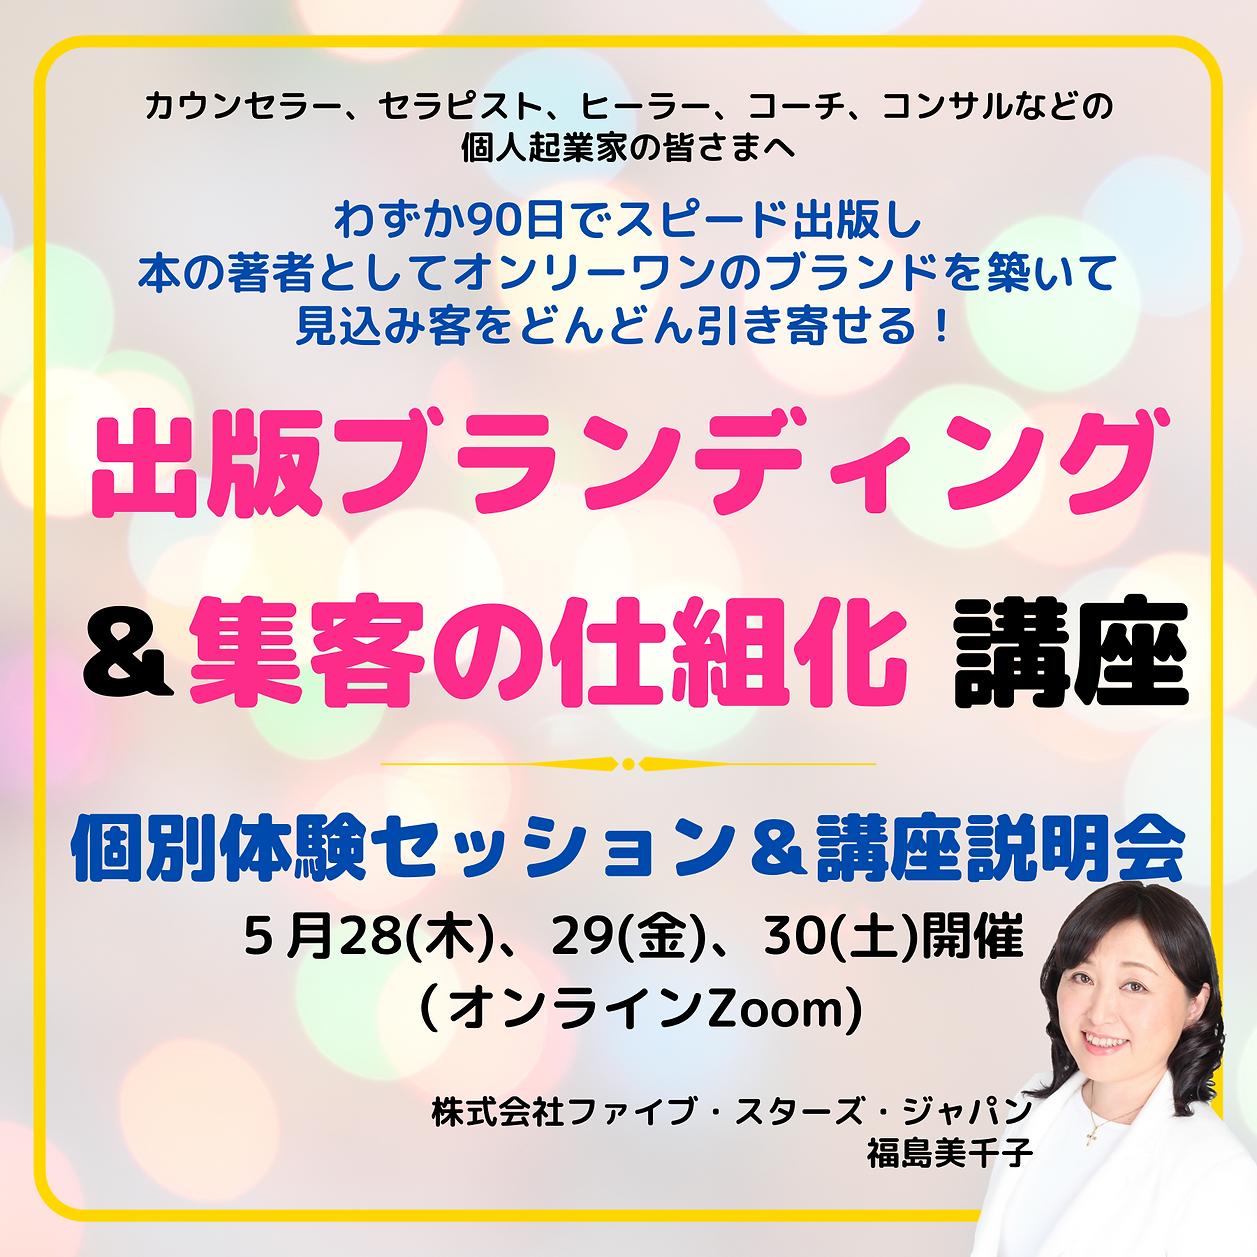 体験セミナー&説明会.png